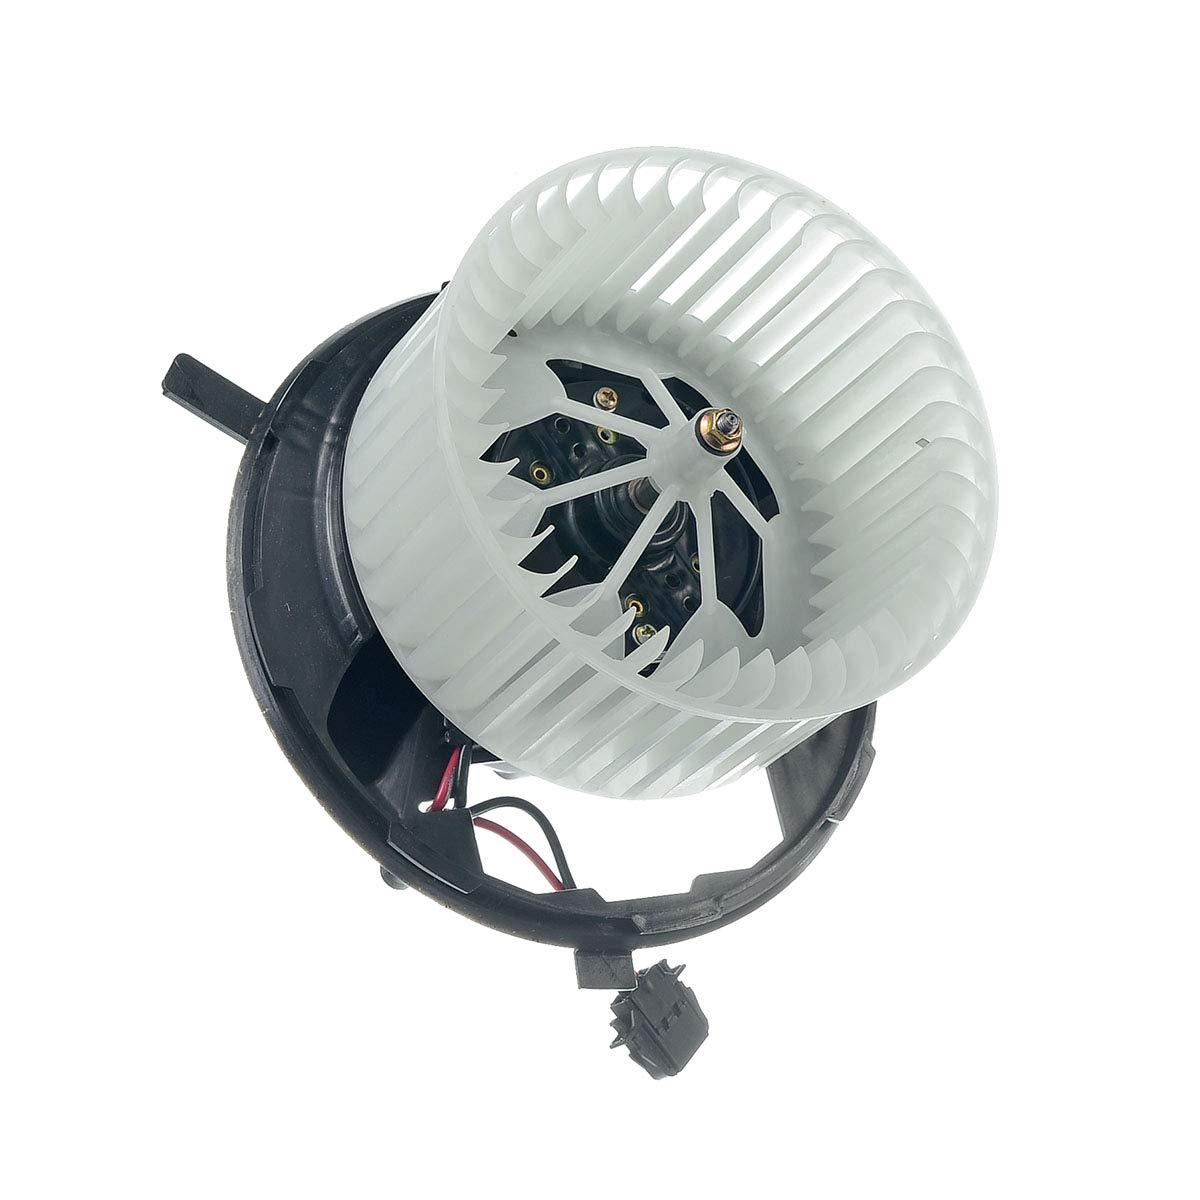 Ventilador interior de ventilador de calefacción motor para A3 ...